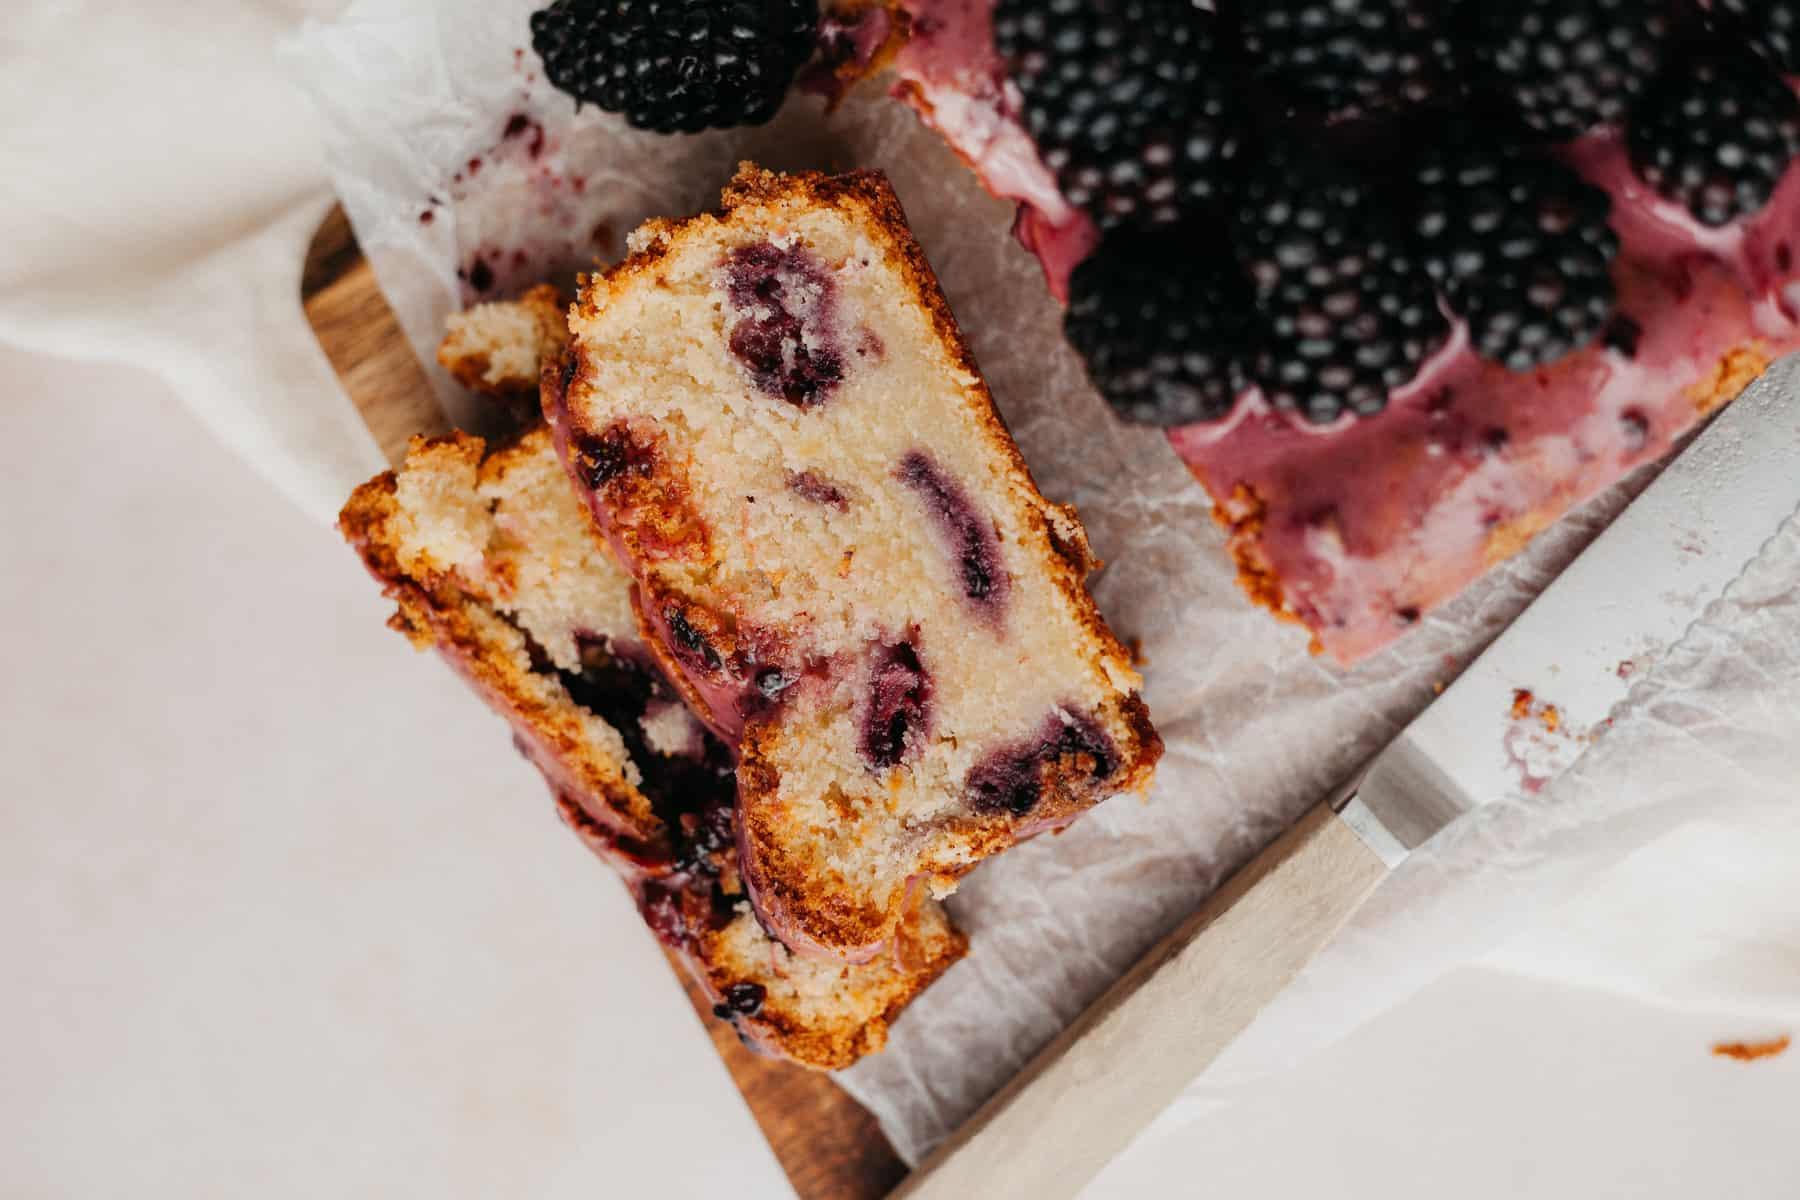 An overhead shot of two slices of blackberry lemon bread